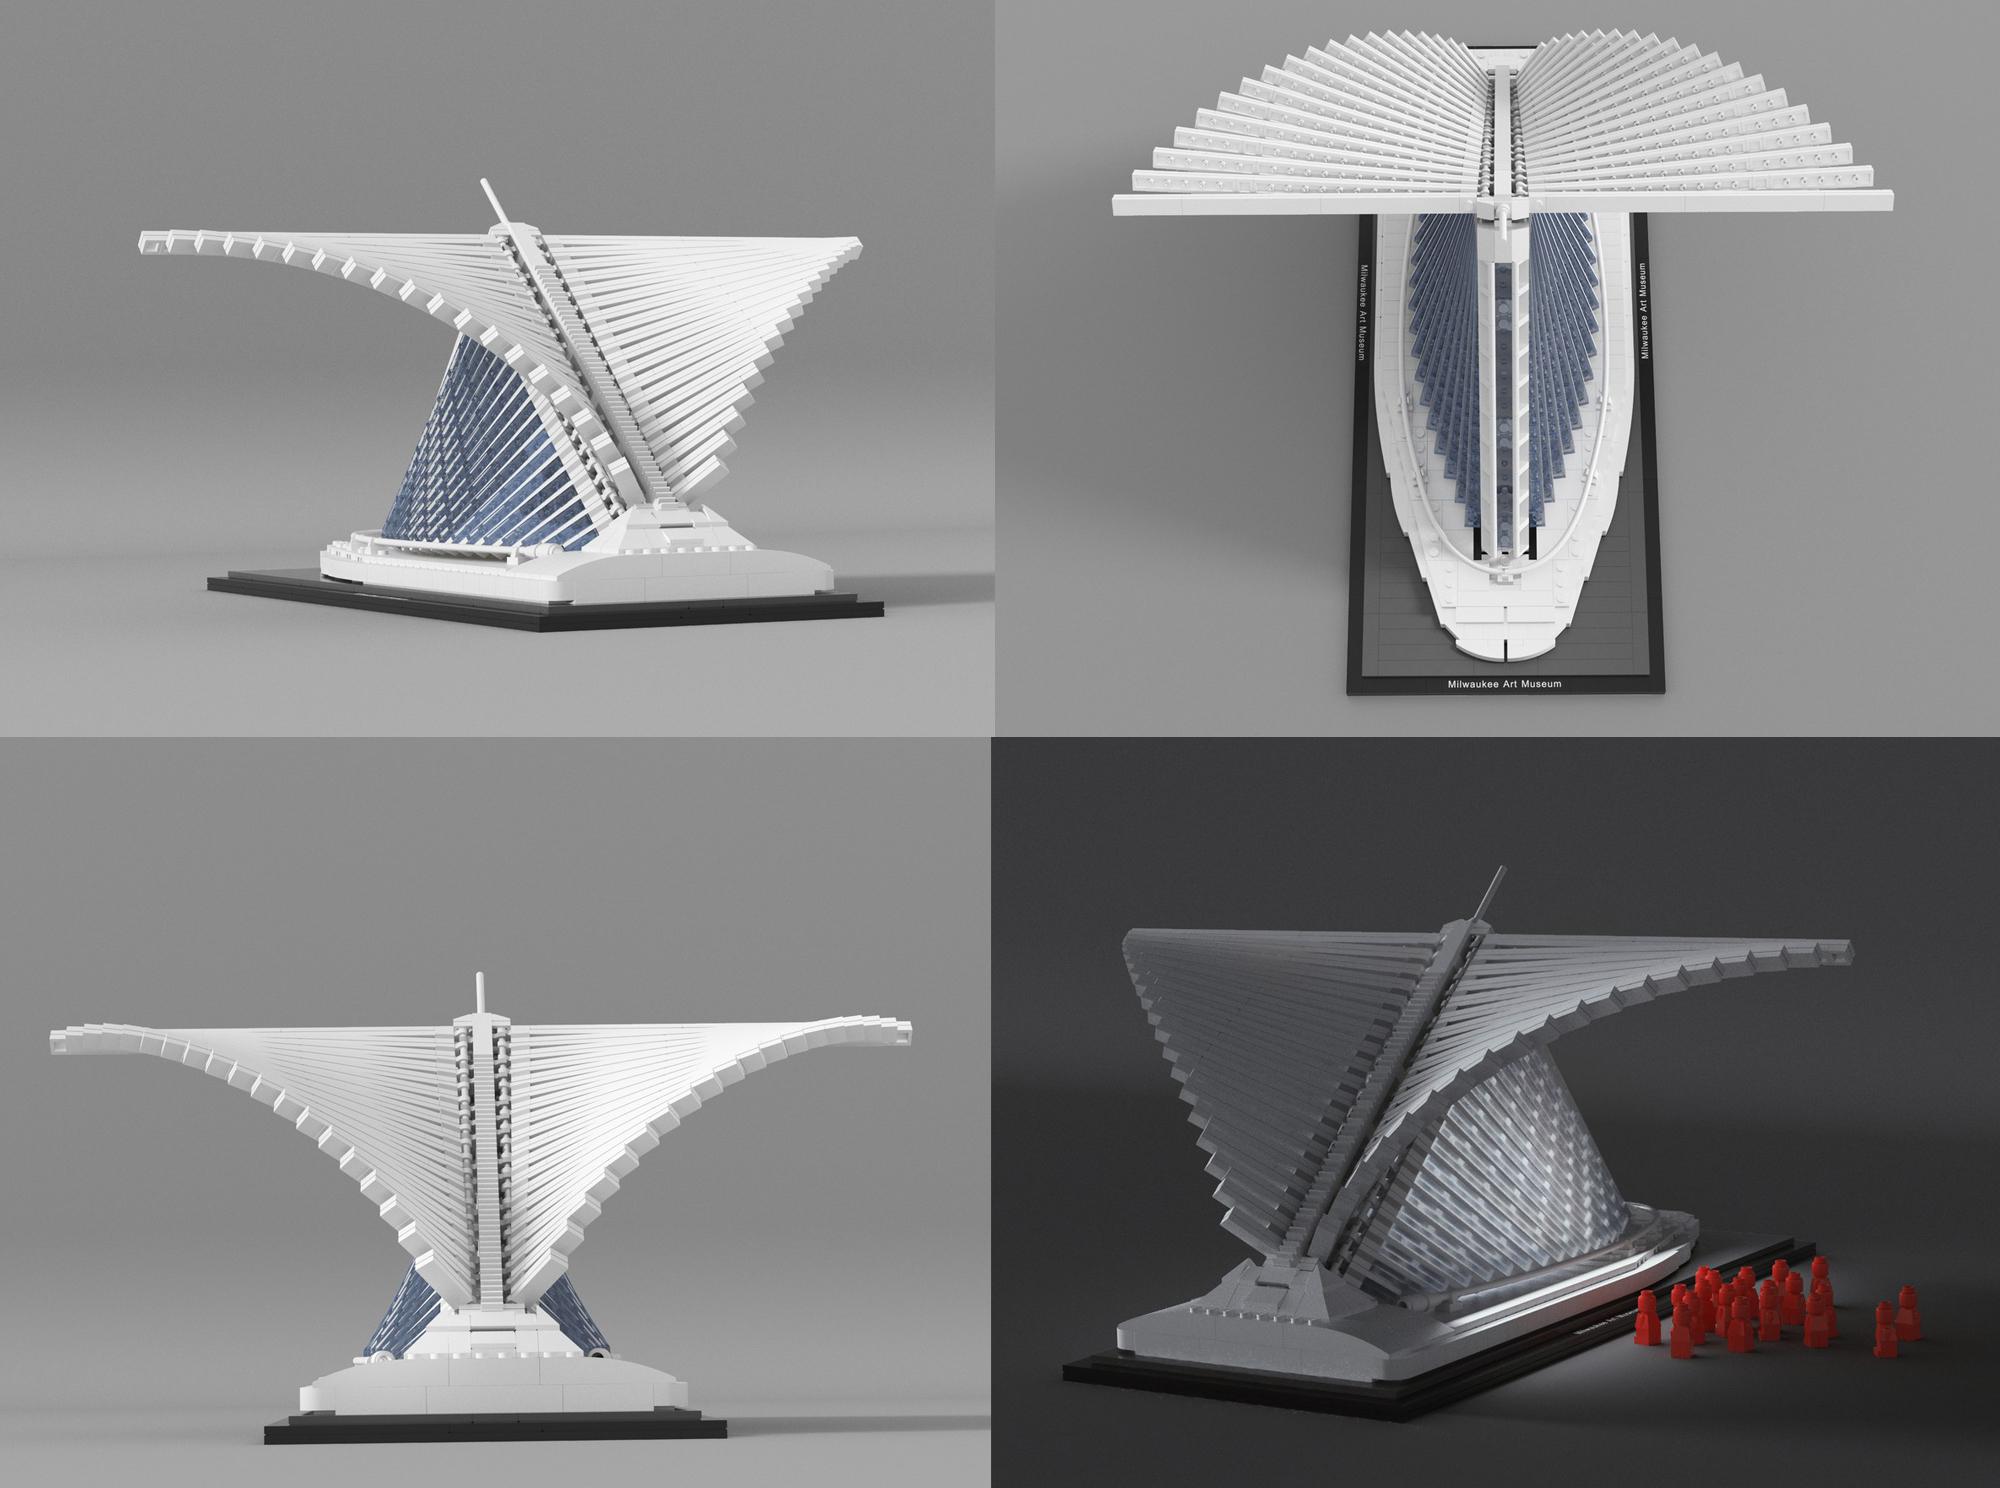 レゴアイデアで翼が動く『ミルウォーキー美術館』が製品化レビュー進出!2020年第3回1万サポート獲得デザイン紹介